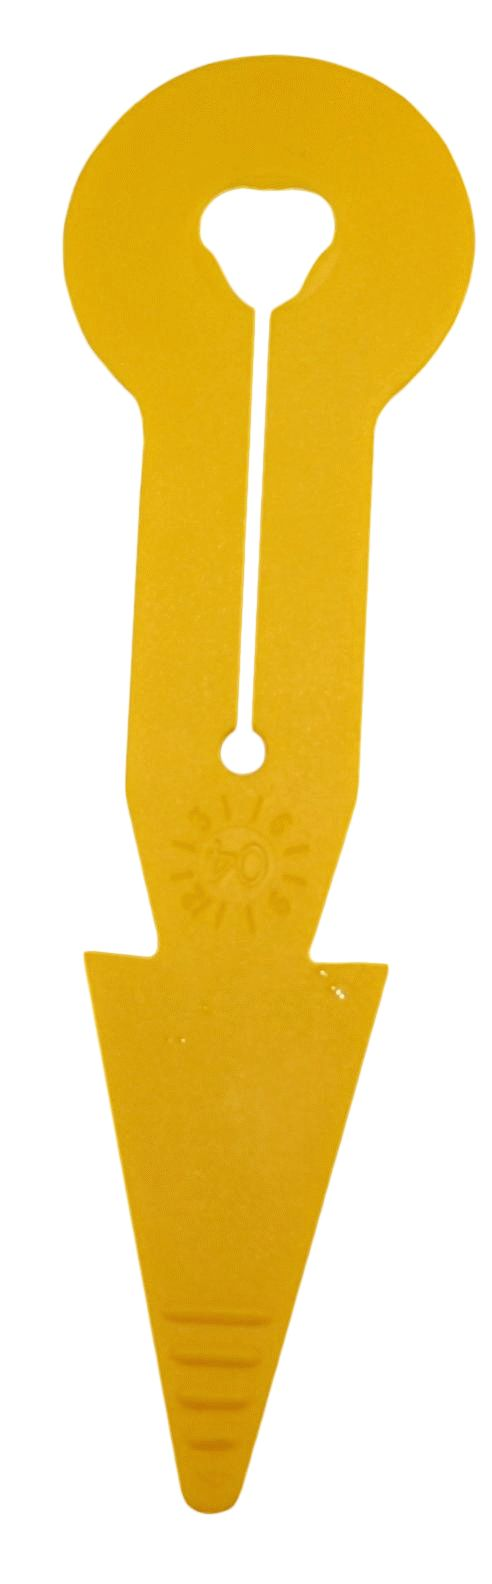 Pijl I+R met gleuf geel